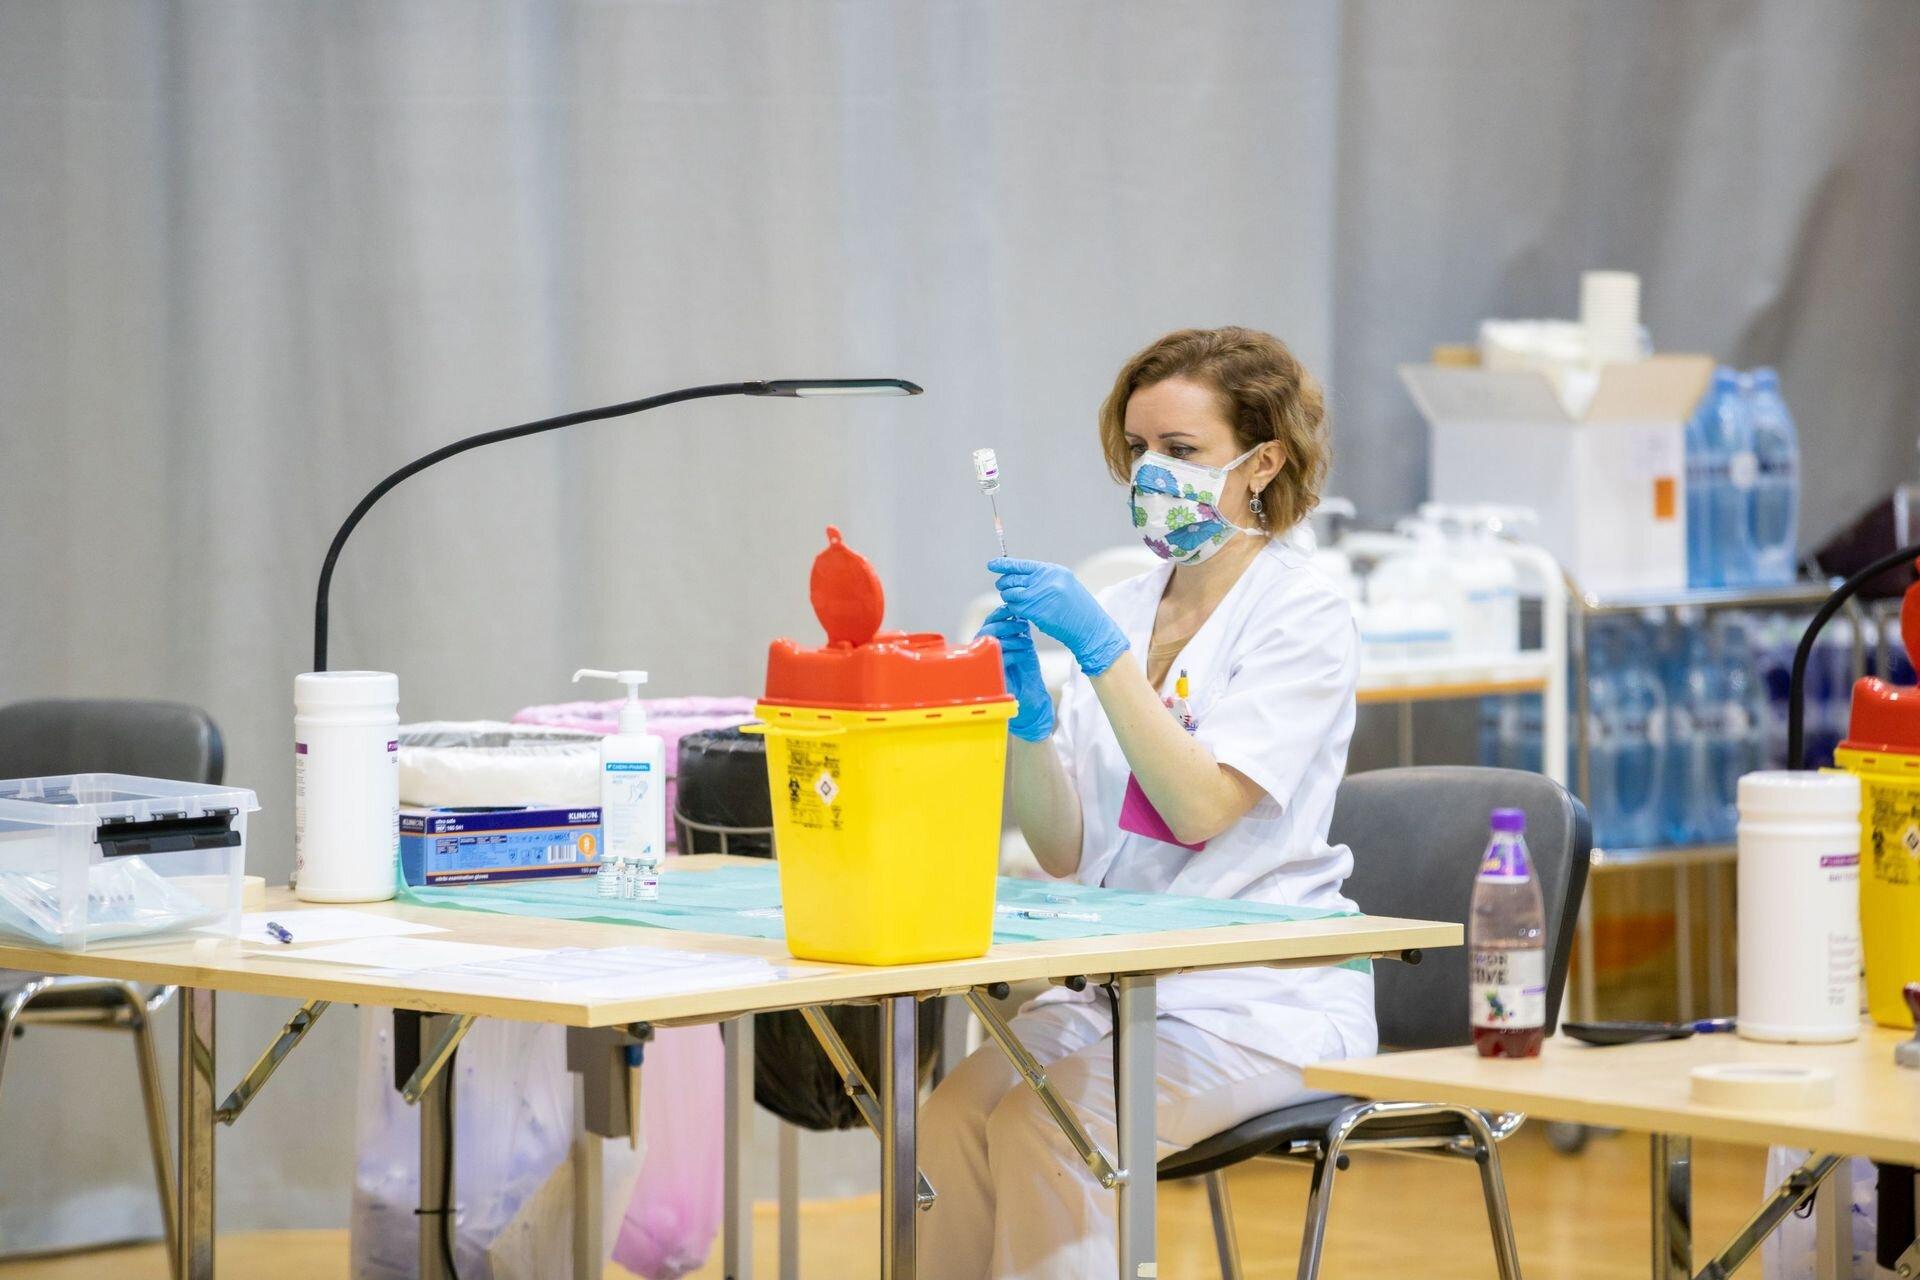 Uuring: inimesed ootavad tööandjatelt vaktsineerimise osas rohkem eeskuju ja tuge 3